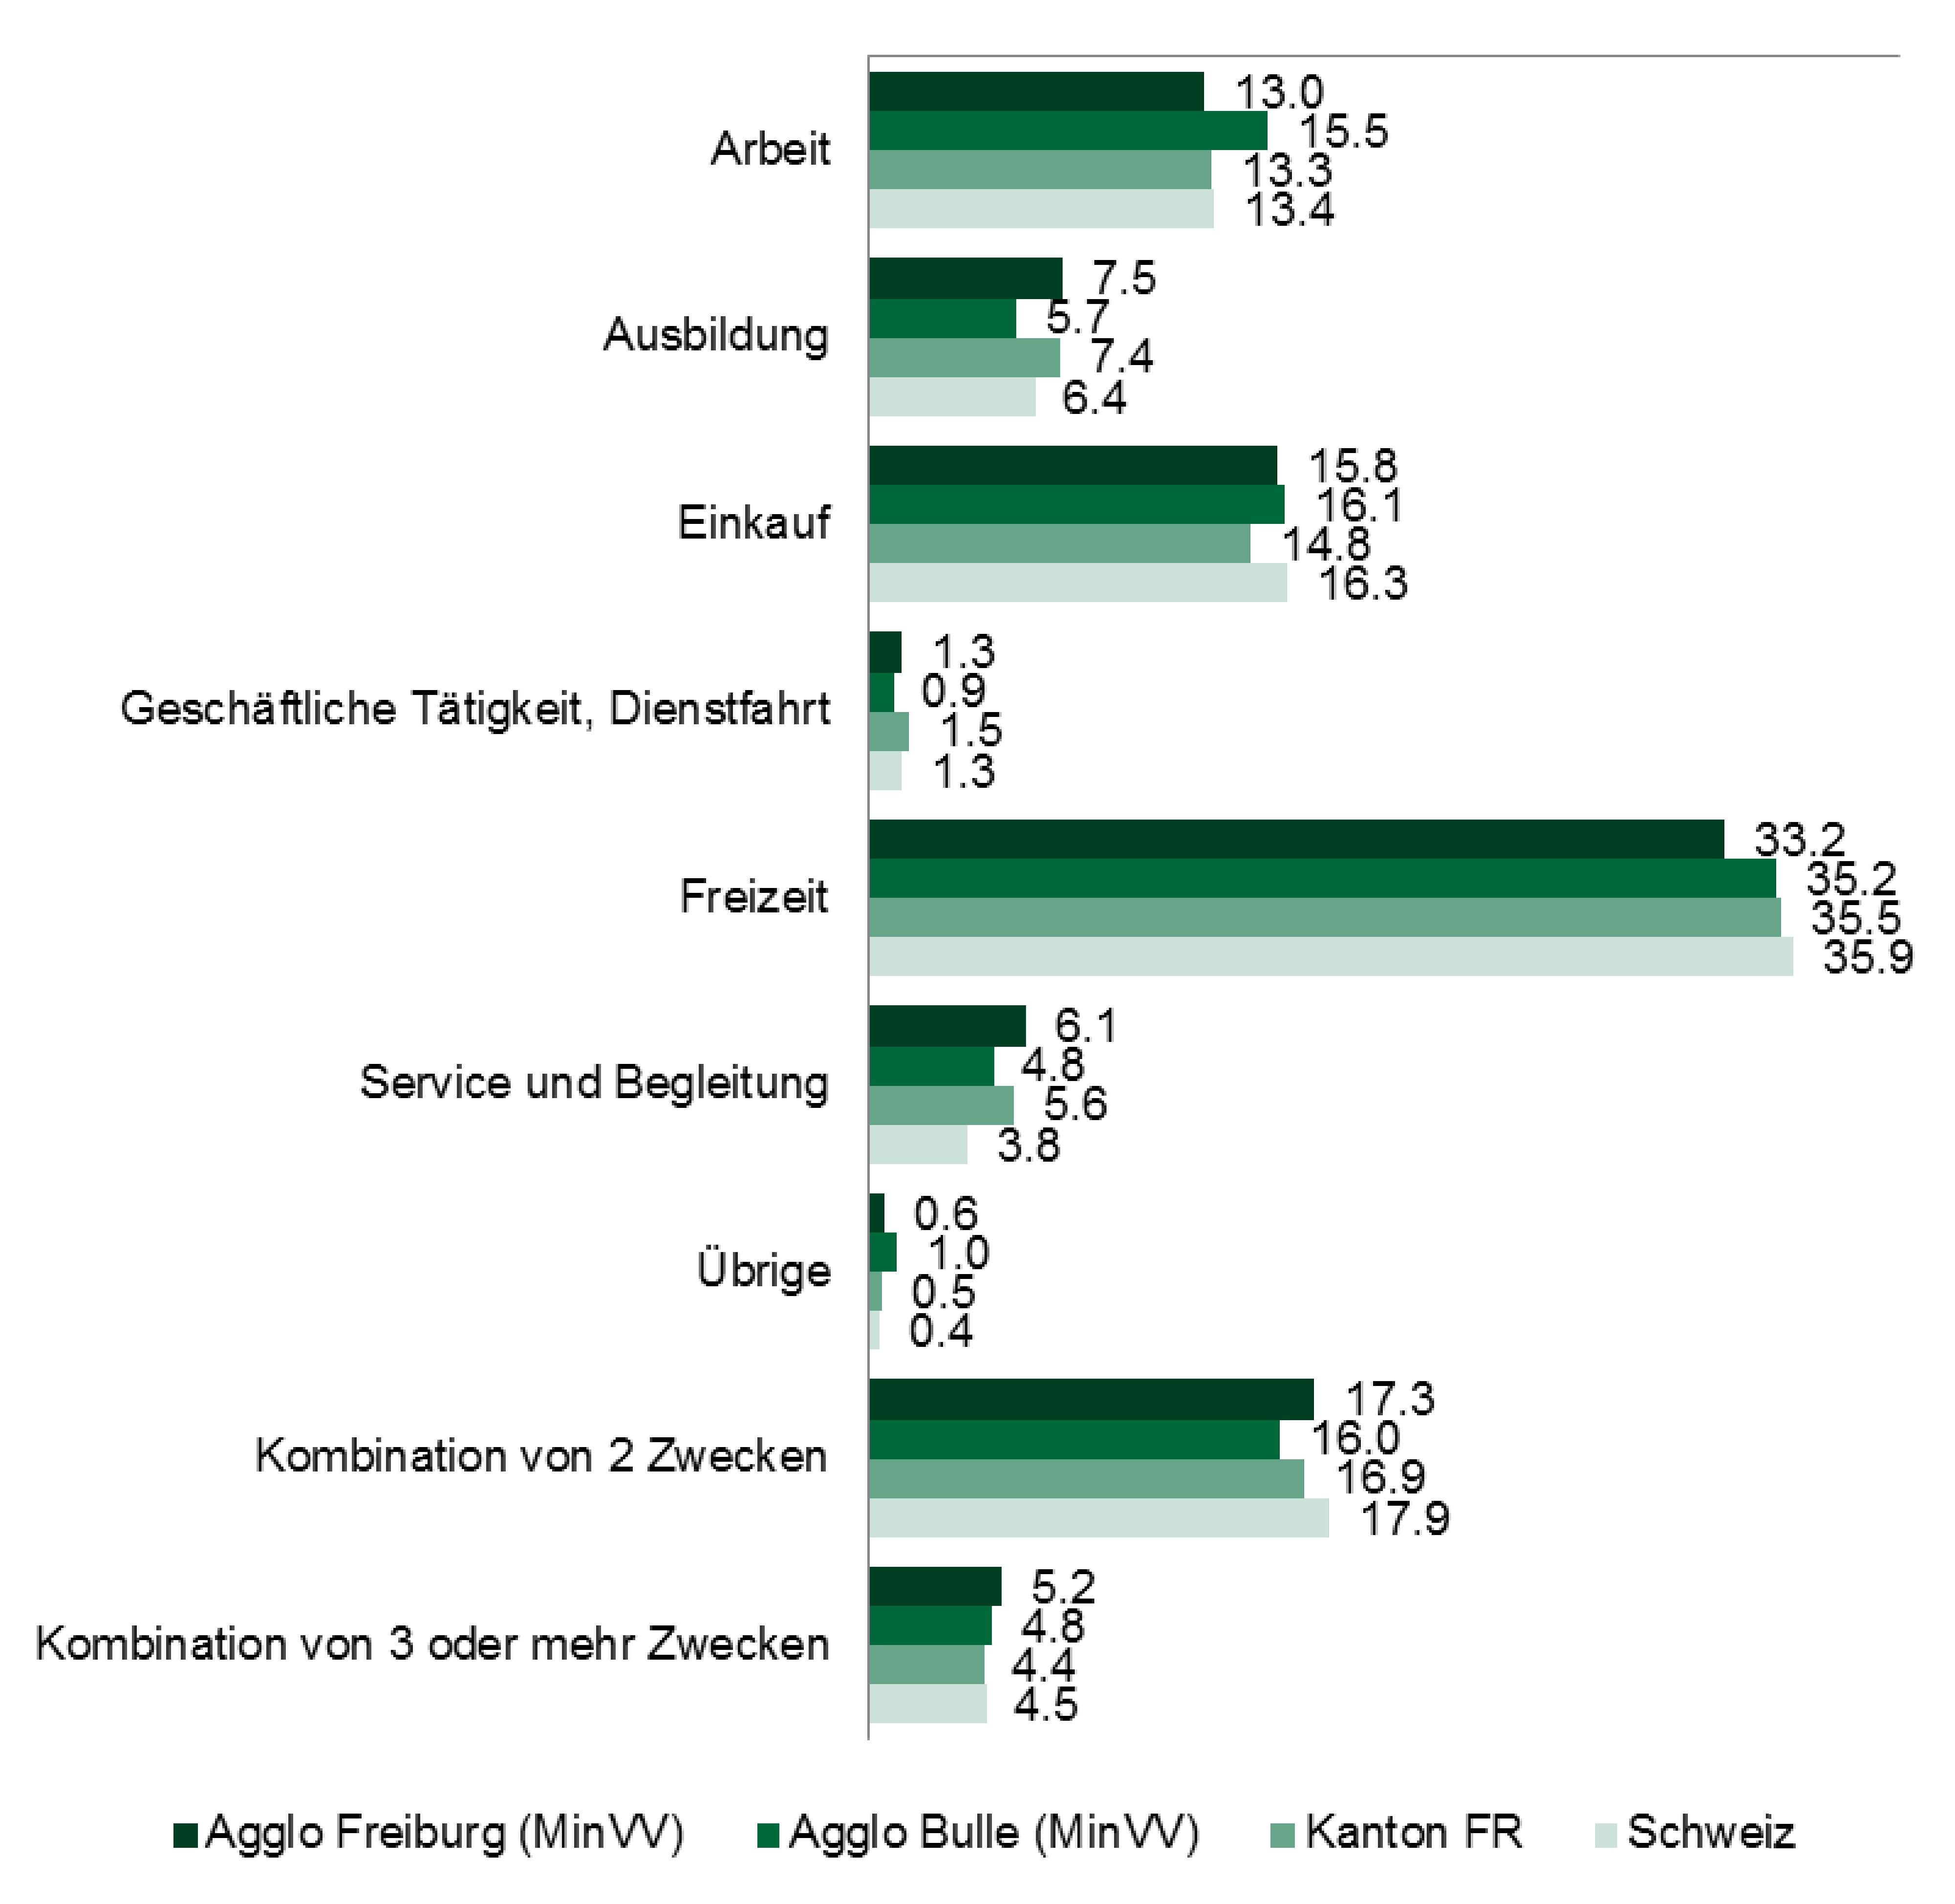 Mikrozensus 2015: Verkehrszwecke pro Ausgang (in %)